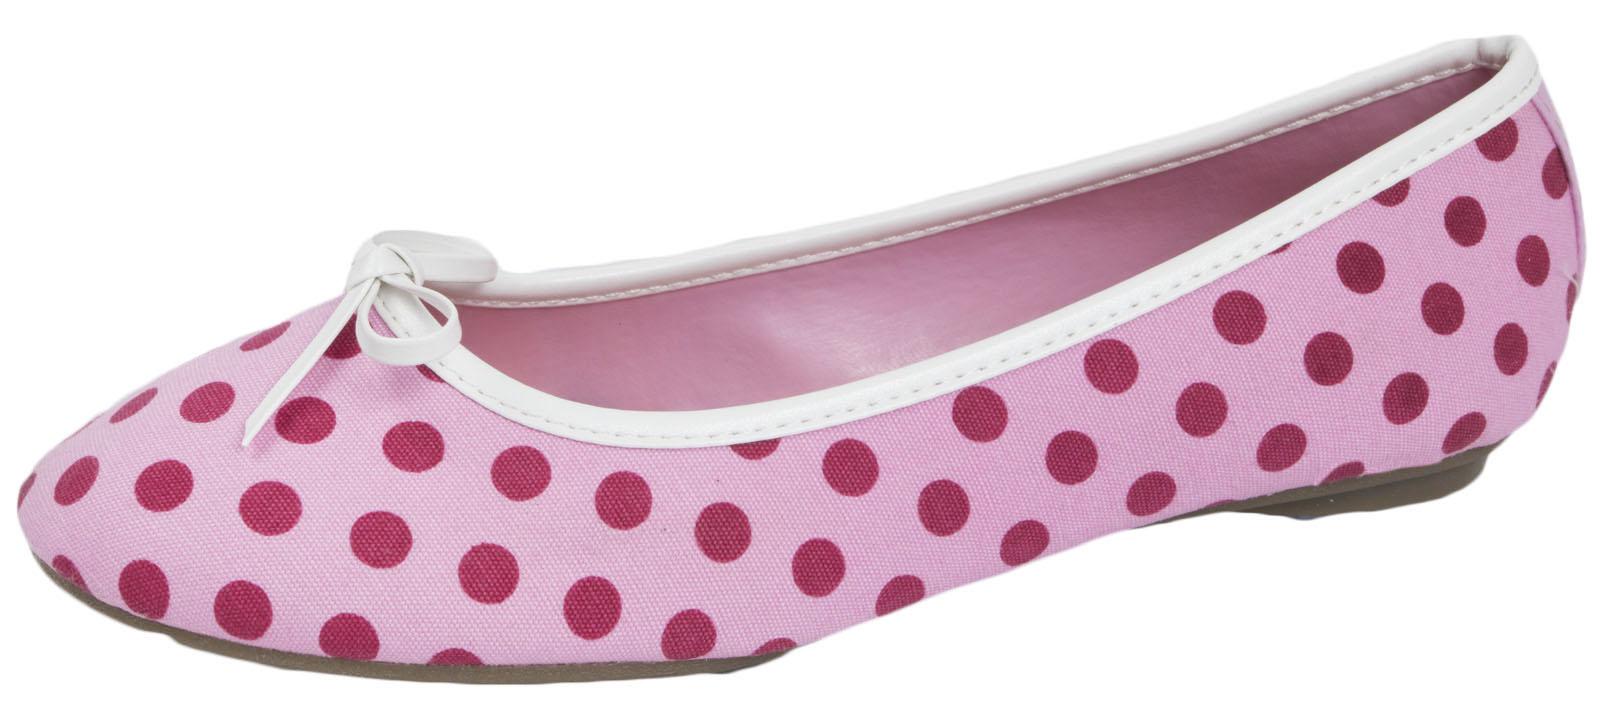 Mujeres Polka Dot Tela Ballet Zapatos De Salón Slip On Dolly Bailarinas Señoras Tamaño